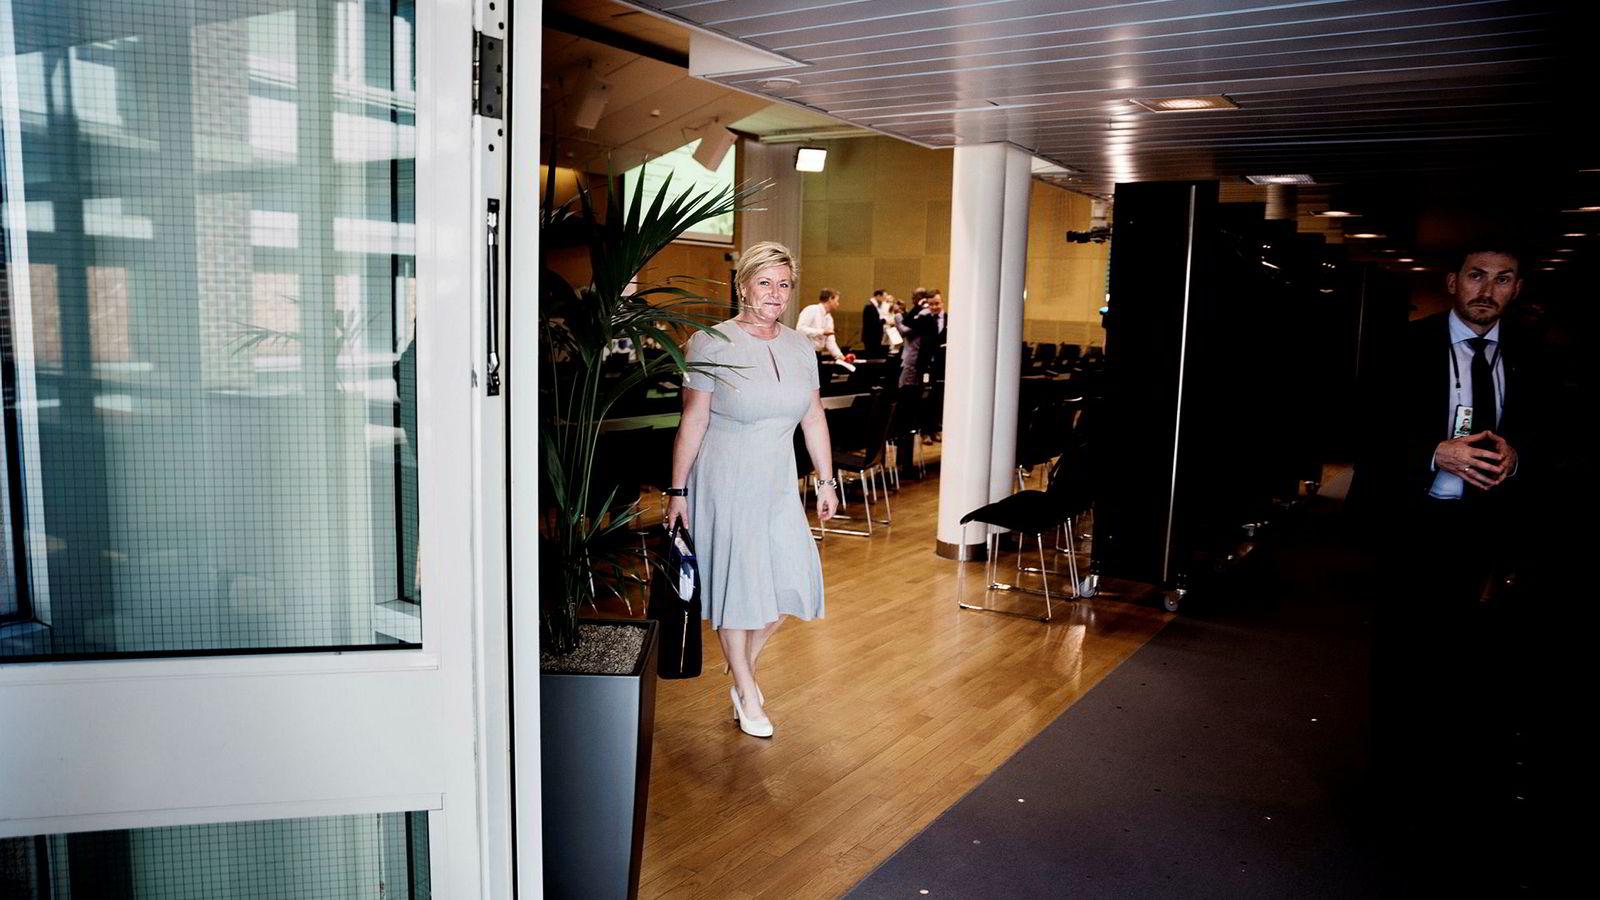 Finansminister Siv Jensen forlot plenumssalen i regjeringskvartalet etter at hun hadde lagt frem revidert nasjonalbudsjett. Det var den siste pressekonferansen i salen, som ble bygget i 1988, før den rives.